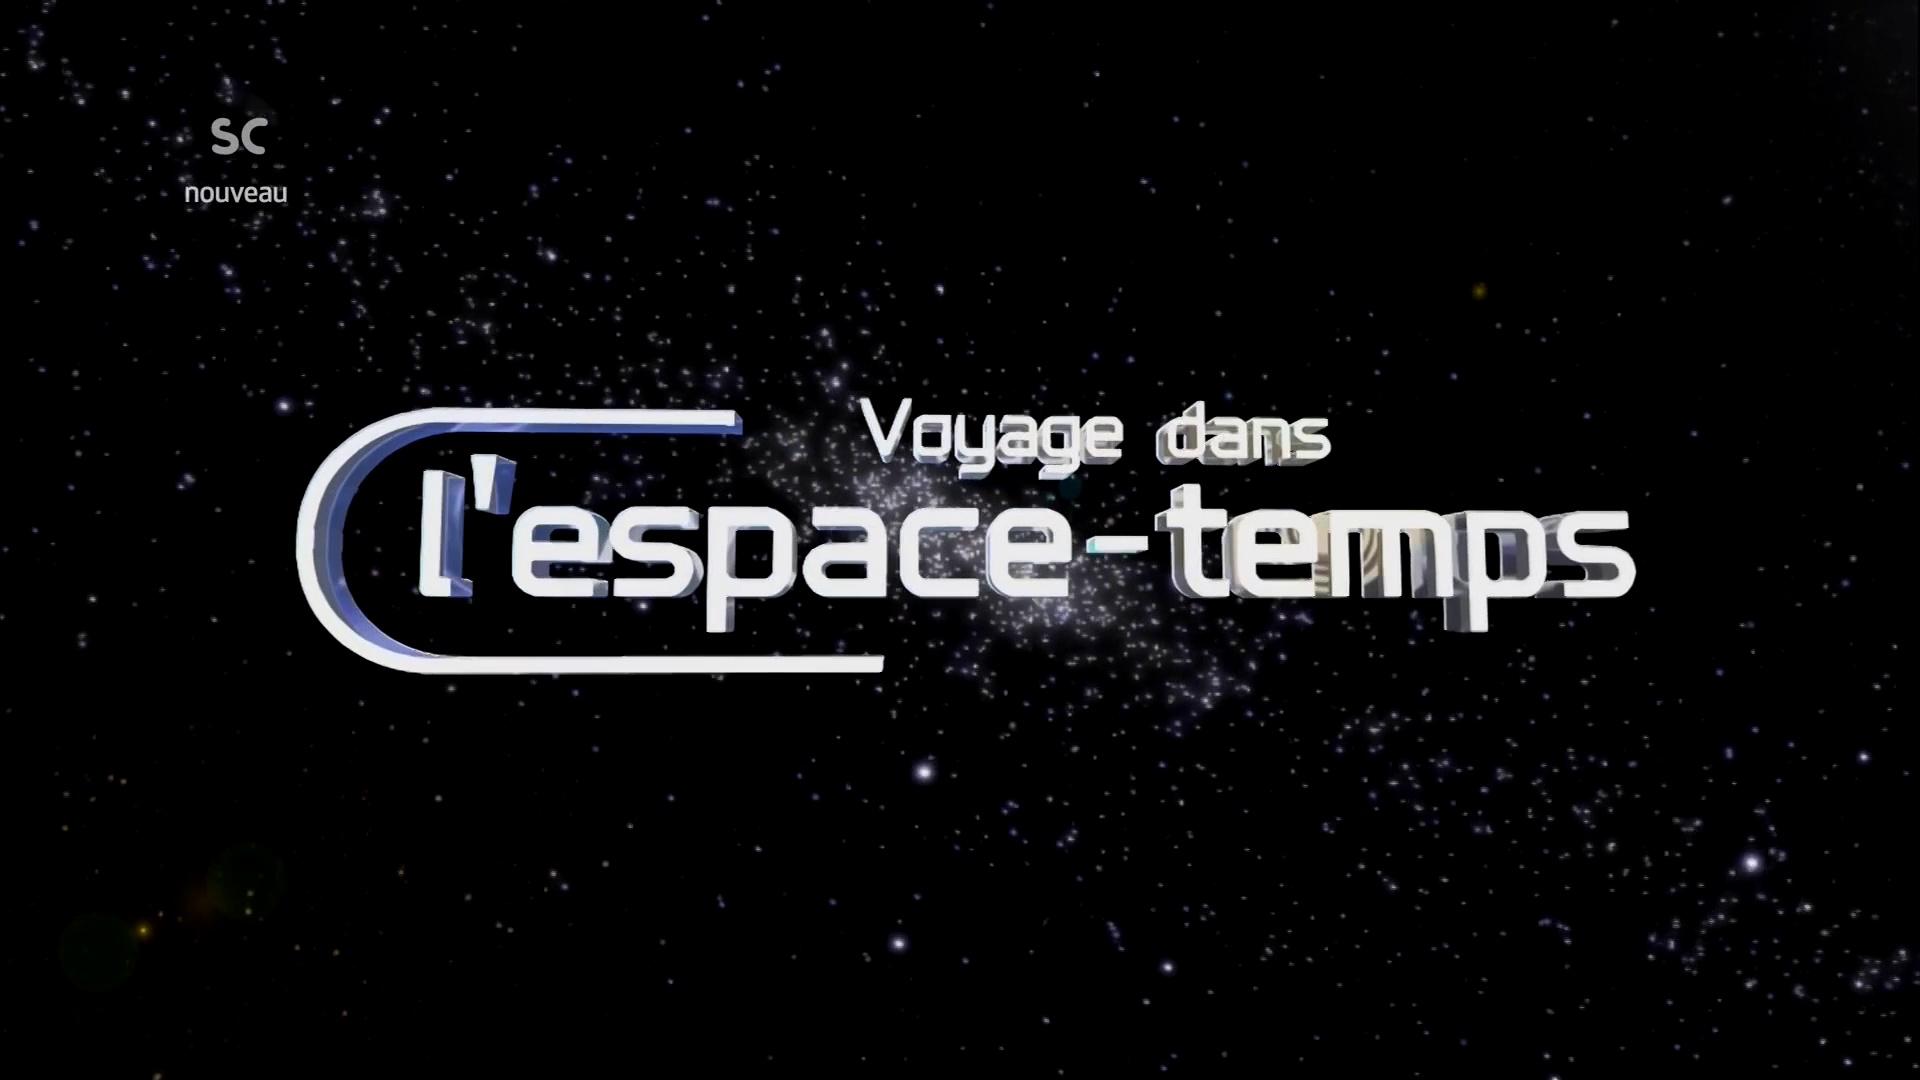 Documentaire Voyage dans l'espace-temps – L'origine du temps